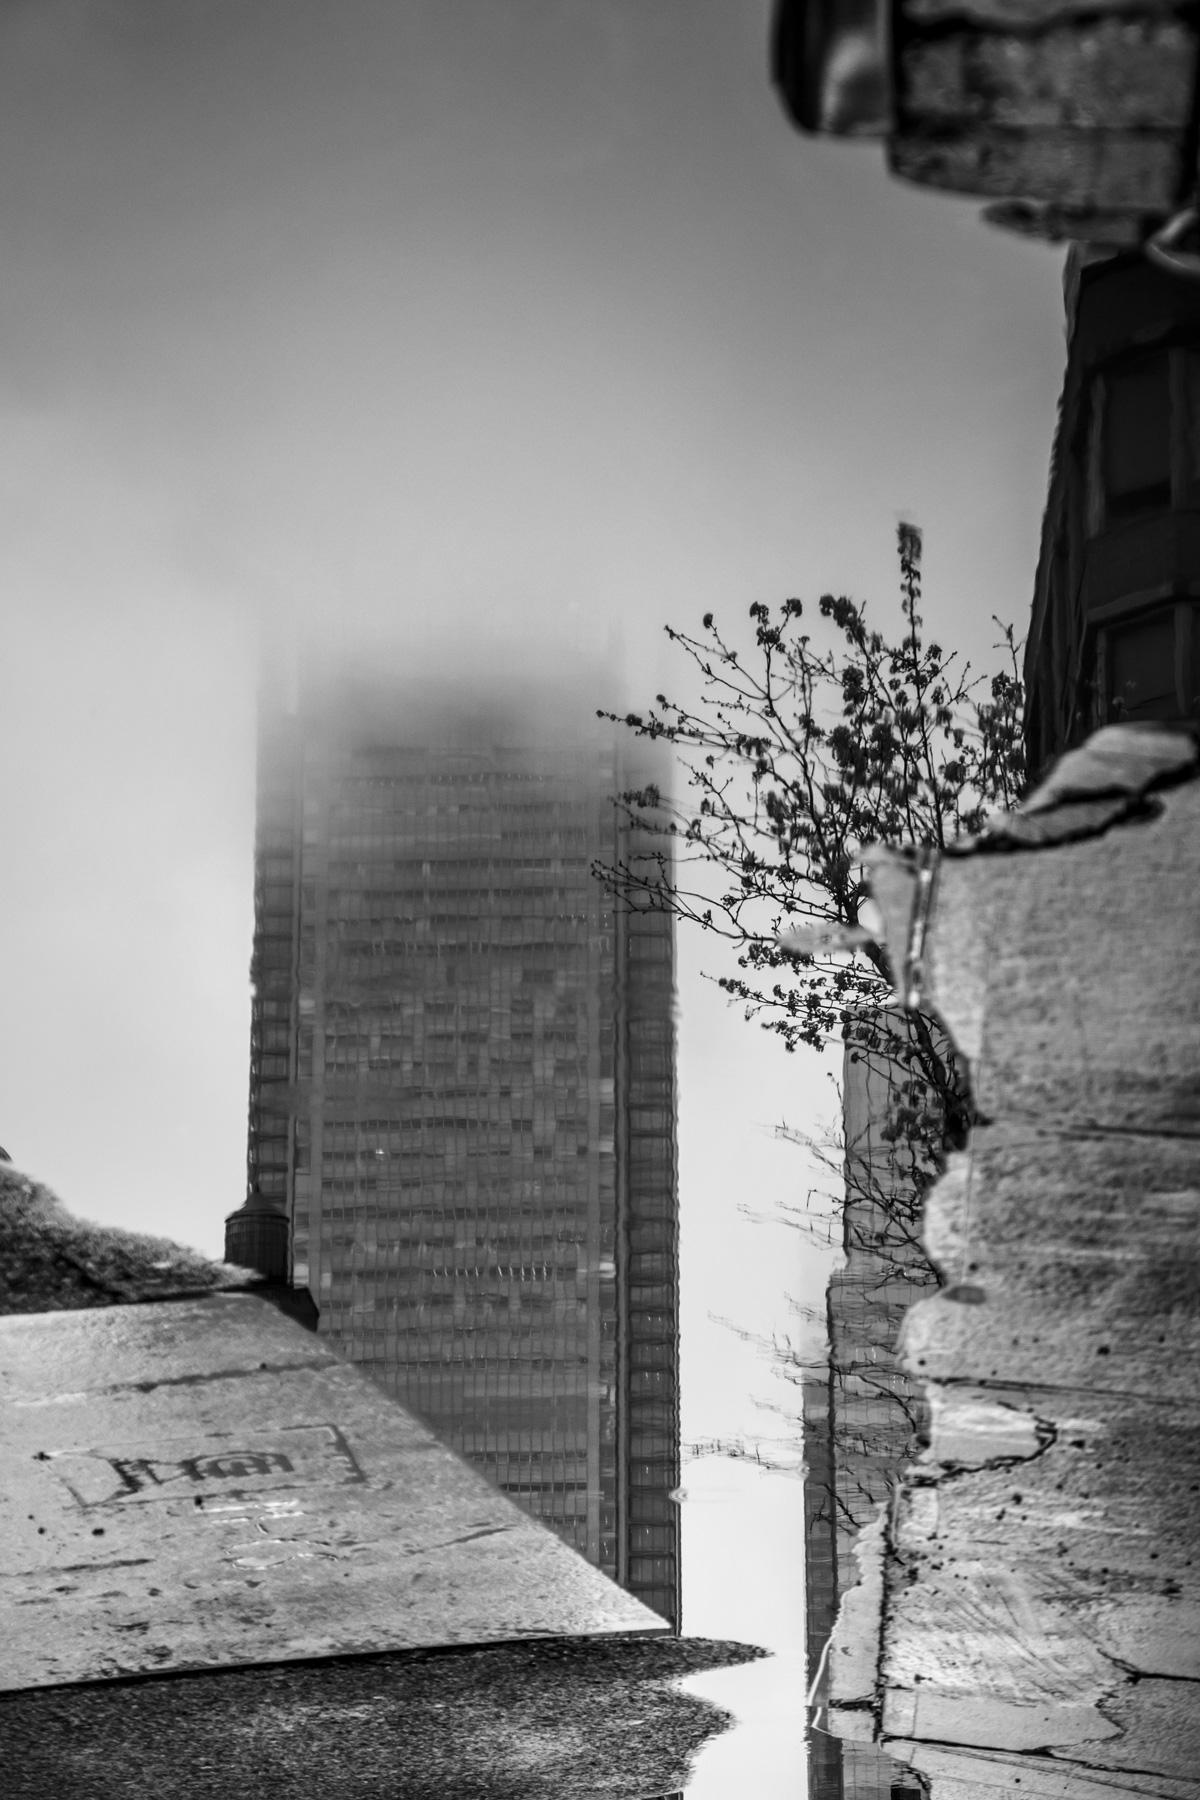 Streetfotographie: 8 Tipps für bessere Fotos auf Städtetrips 6